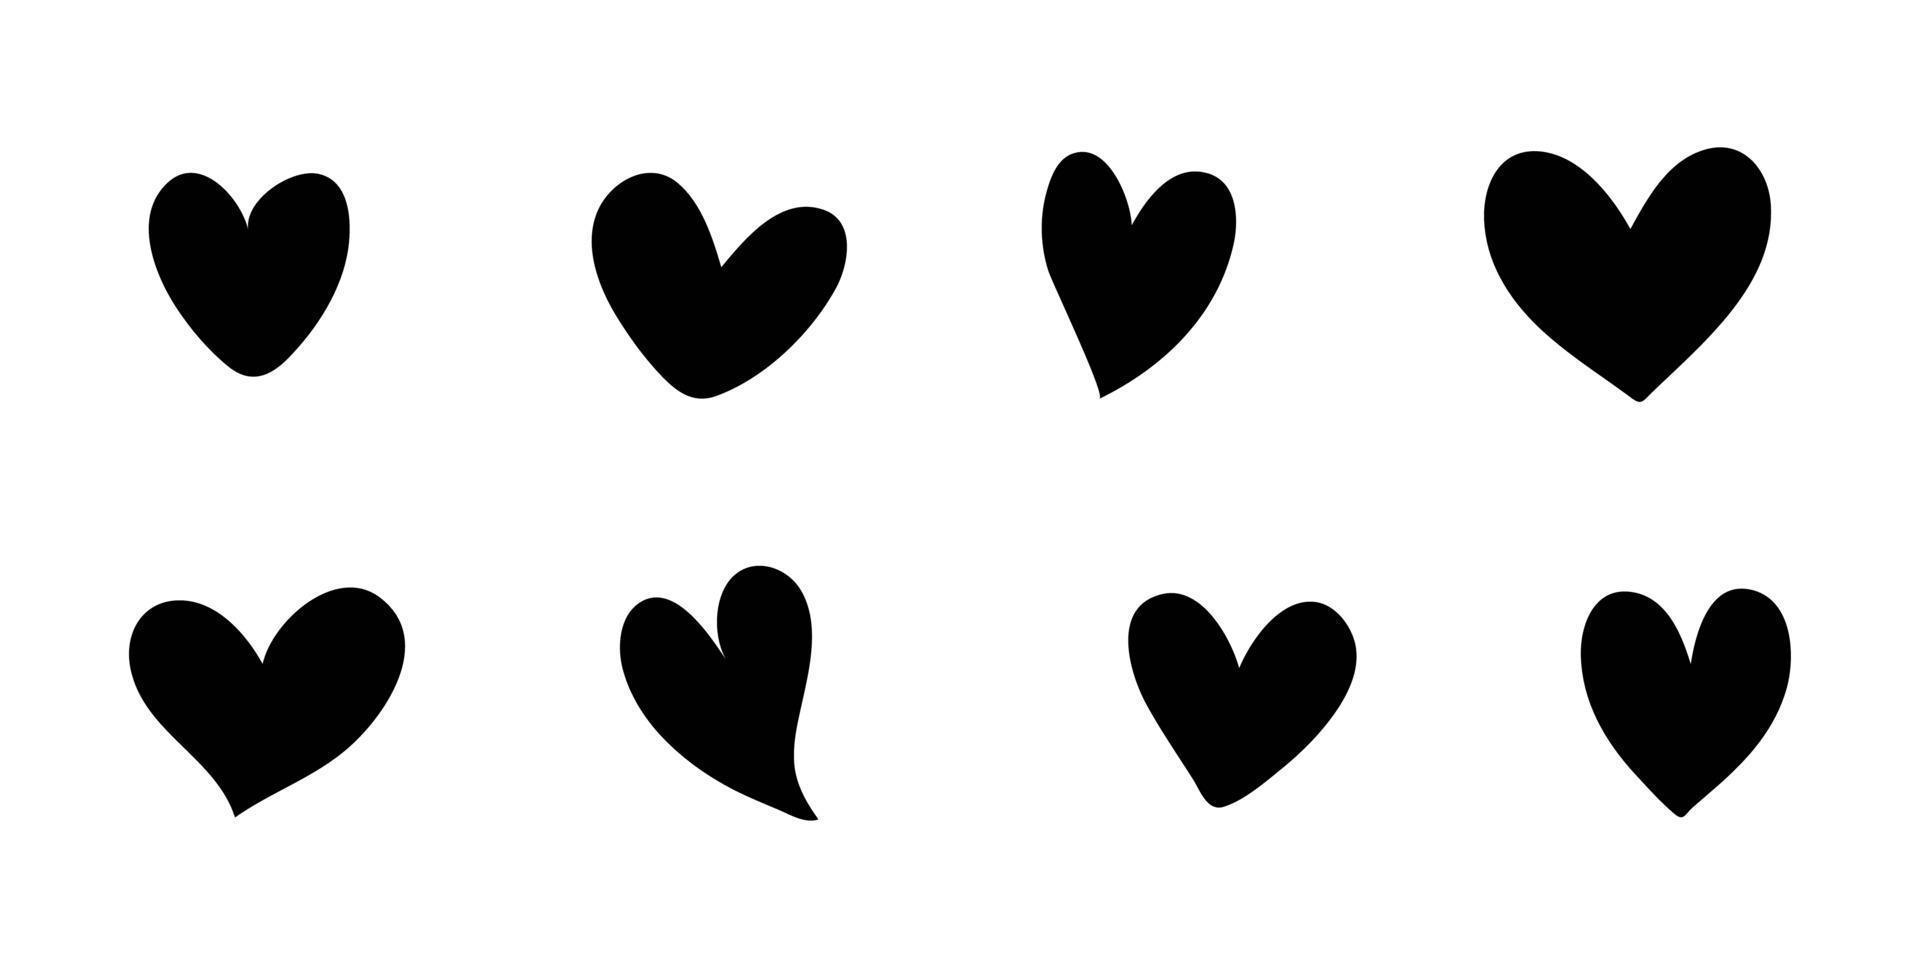 ensemble de symboles de coeur amour Saint Valentin pack de vecteur isolé icônes dessinées à la main